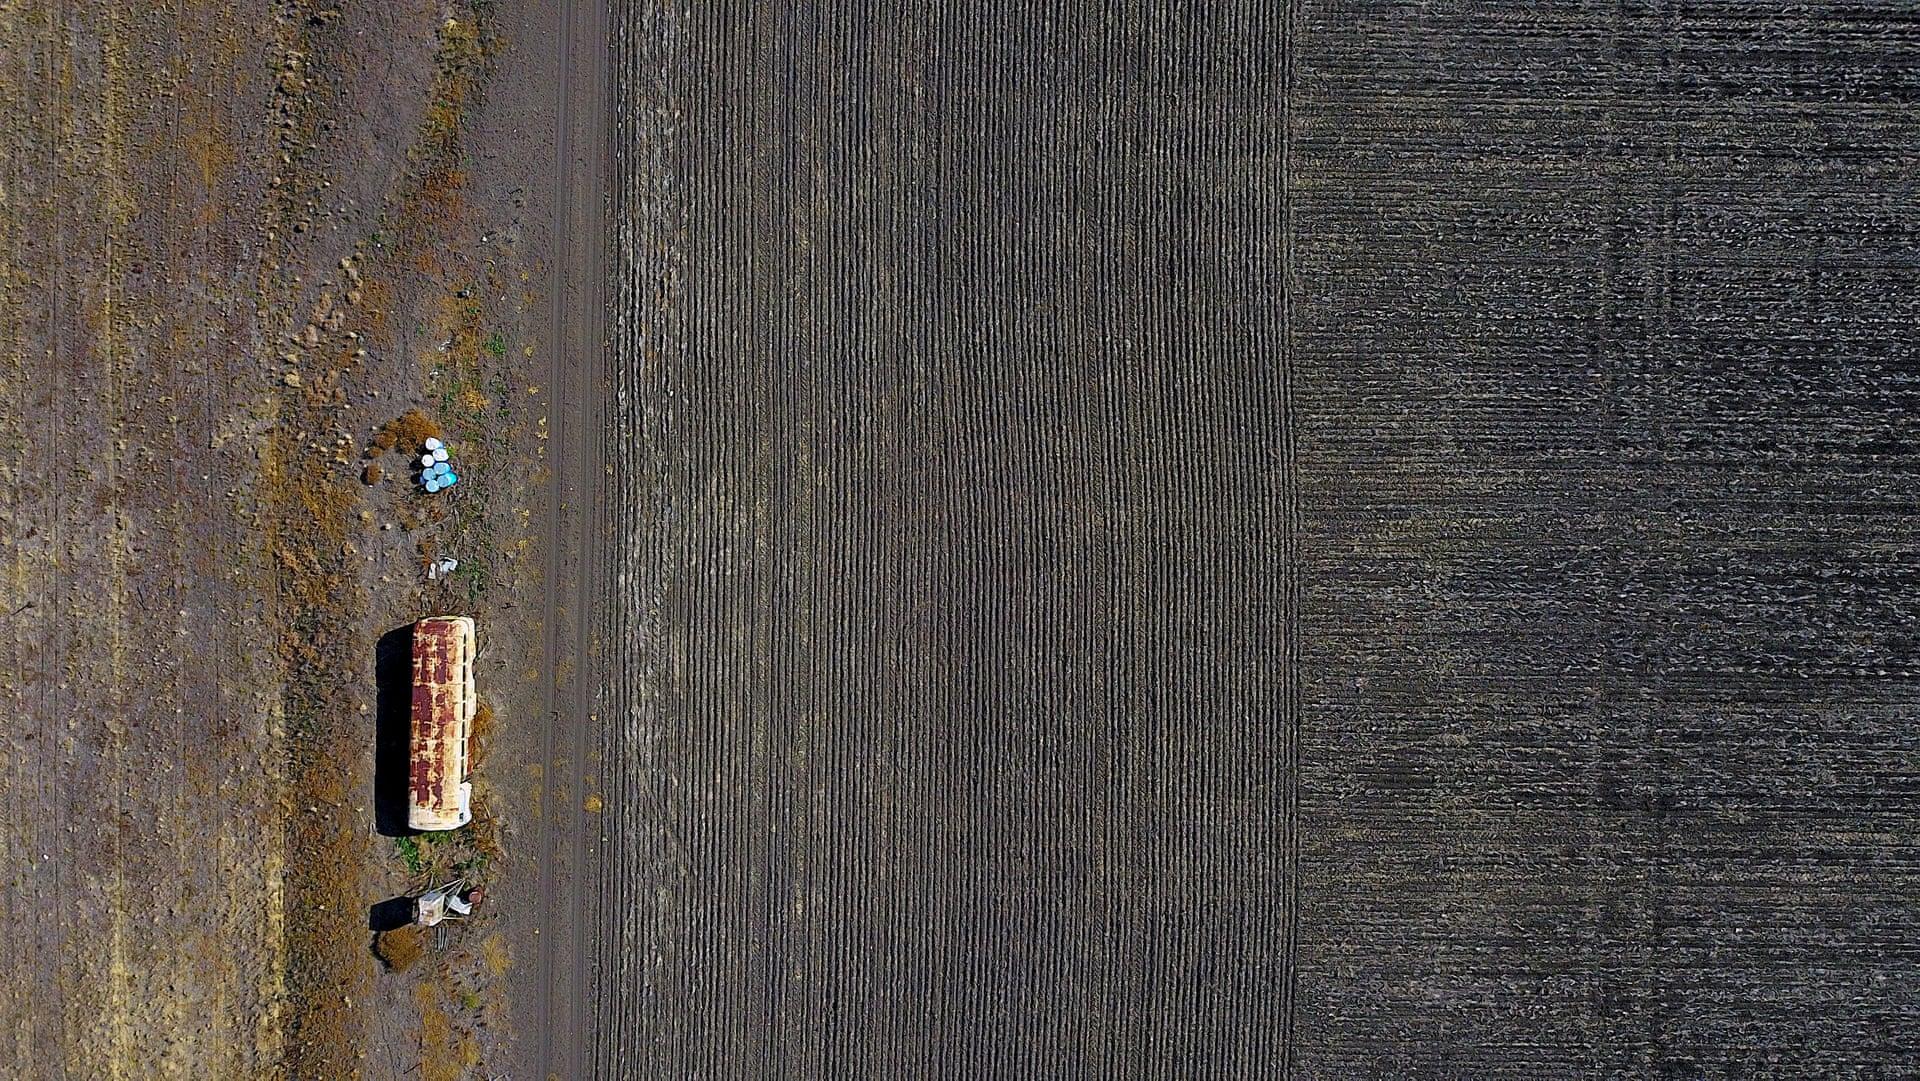 Фото дня: засуха в Австралии с высоты птичьего полета Фото дня: засуха в Австралии с высоты птичьего полета 3500 20 13